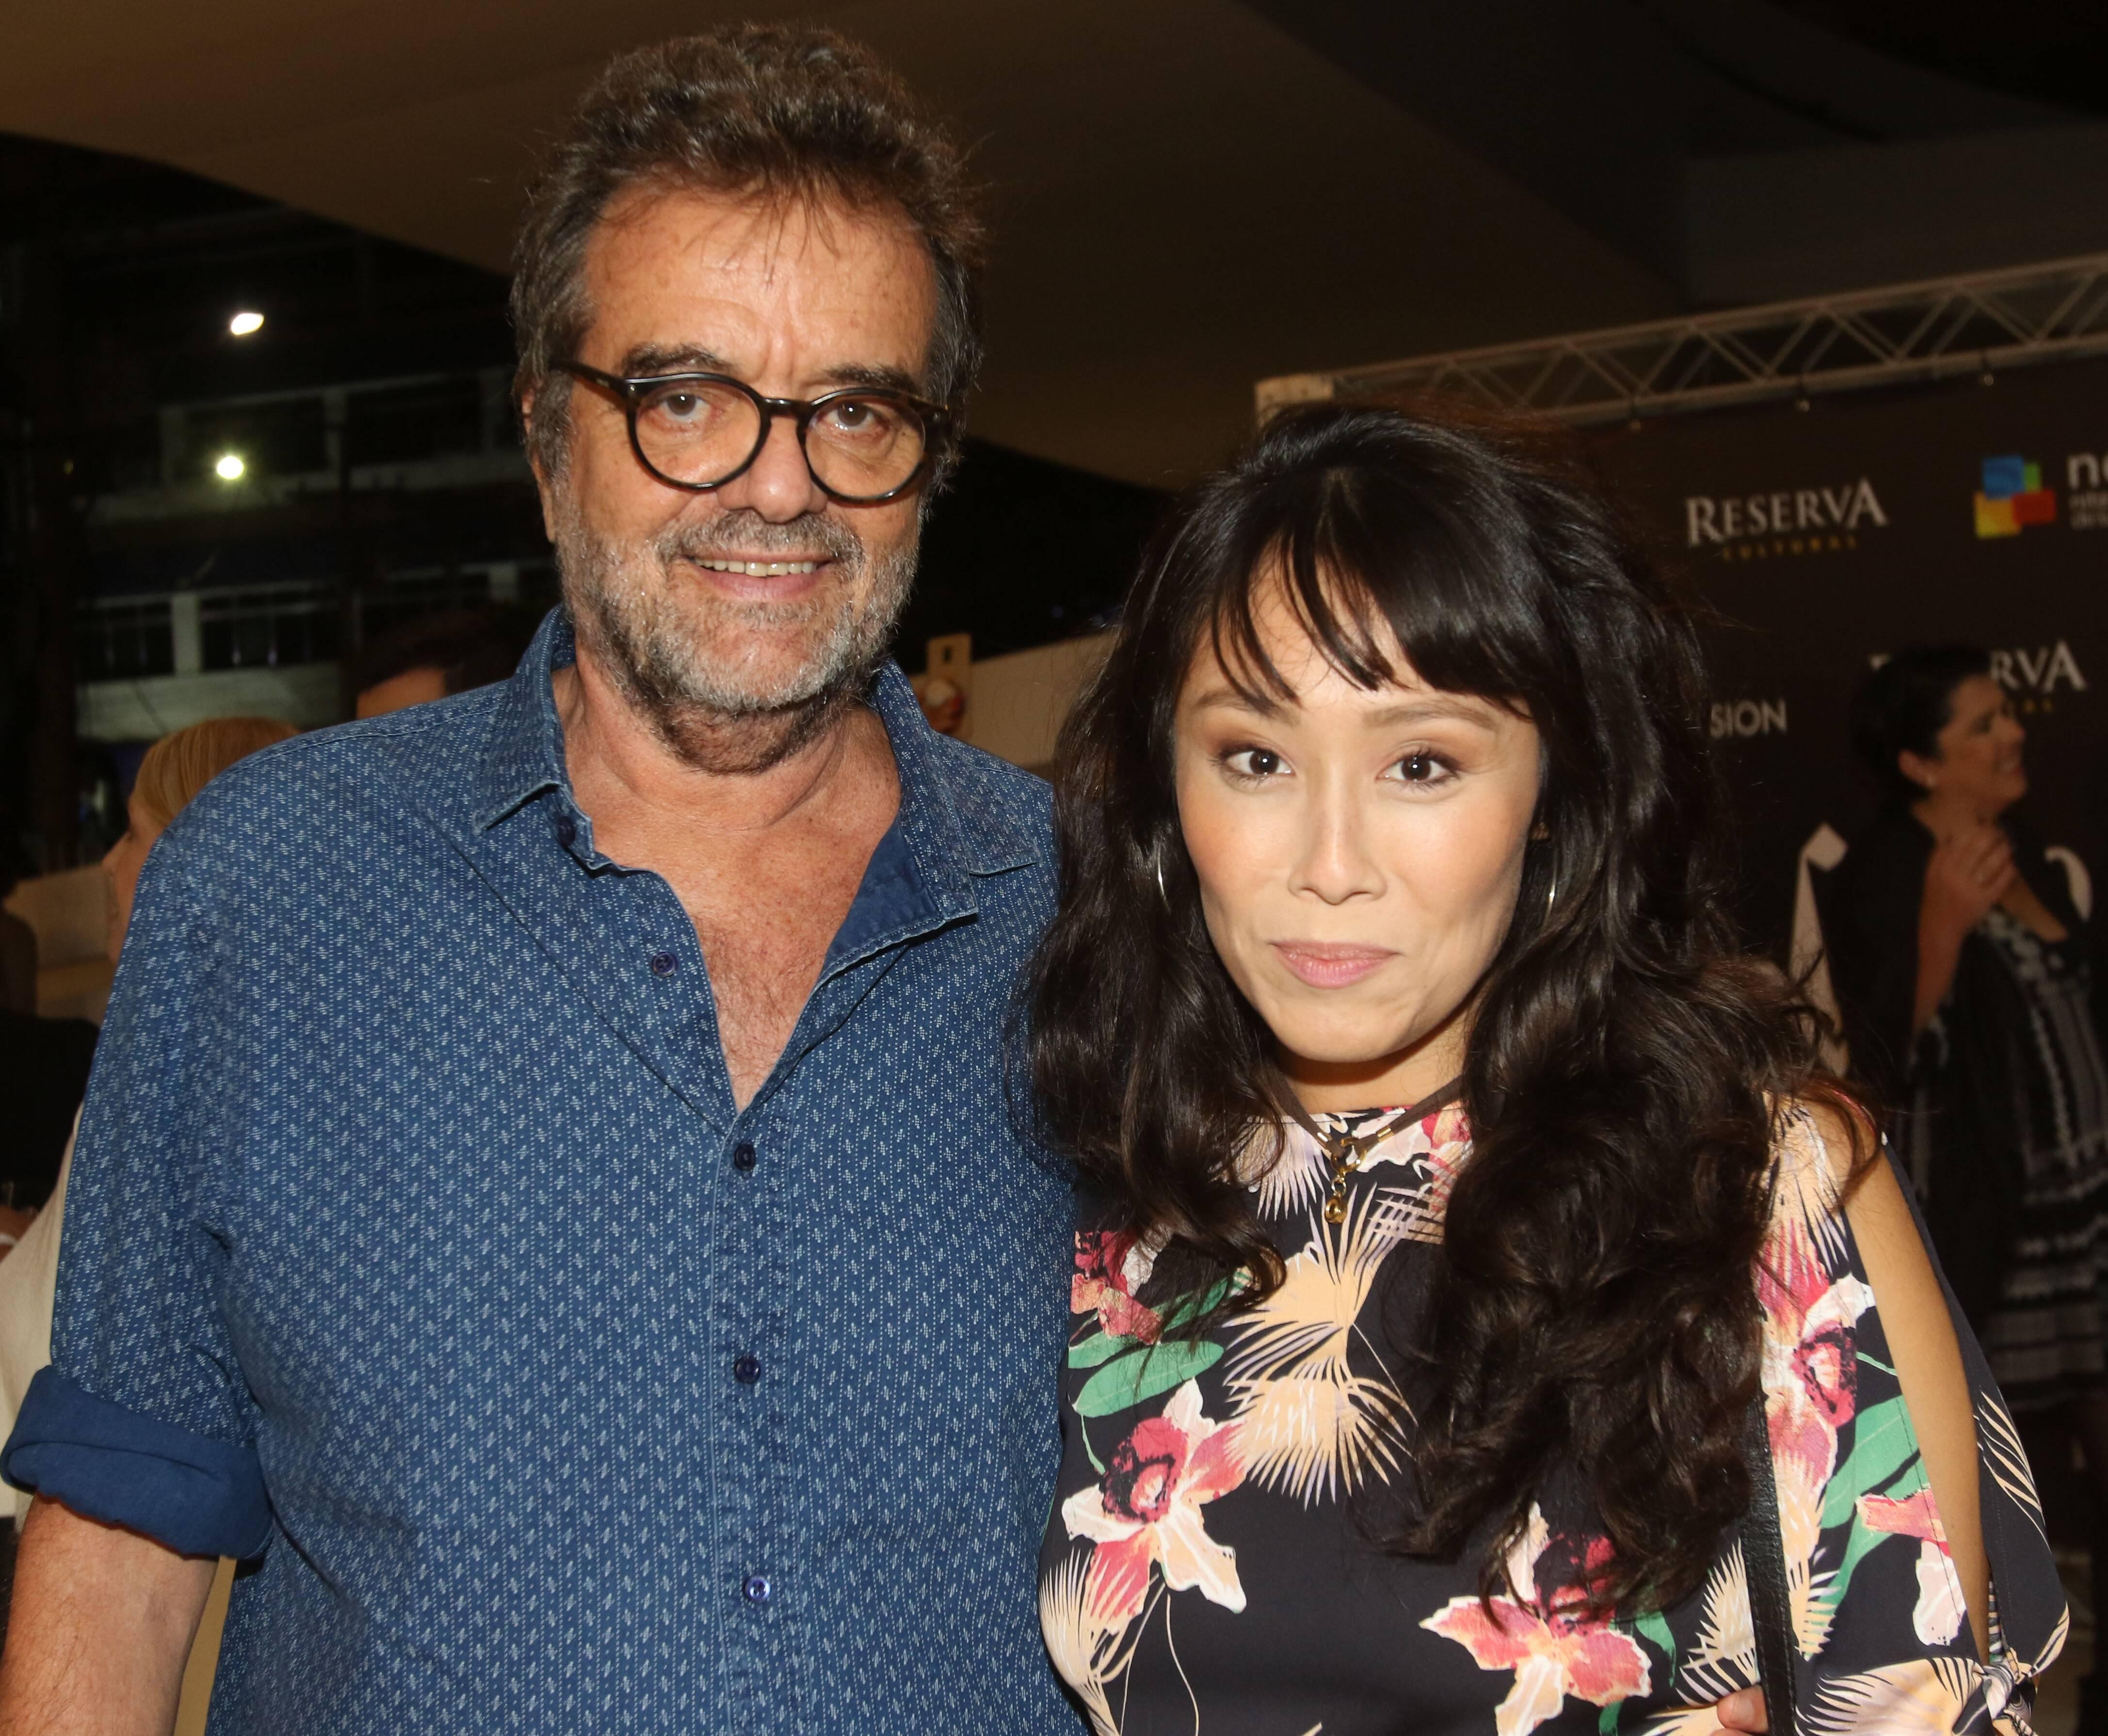 Flavio Tambellini e Kelly Eshima   /Foto: Eny Miranda